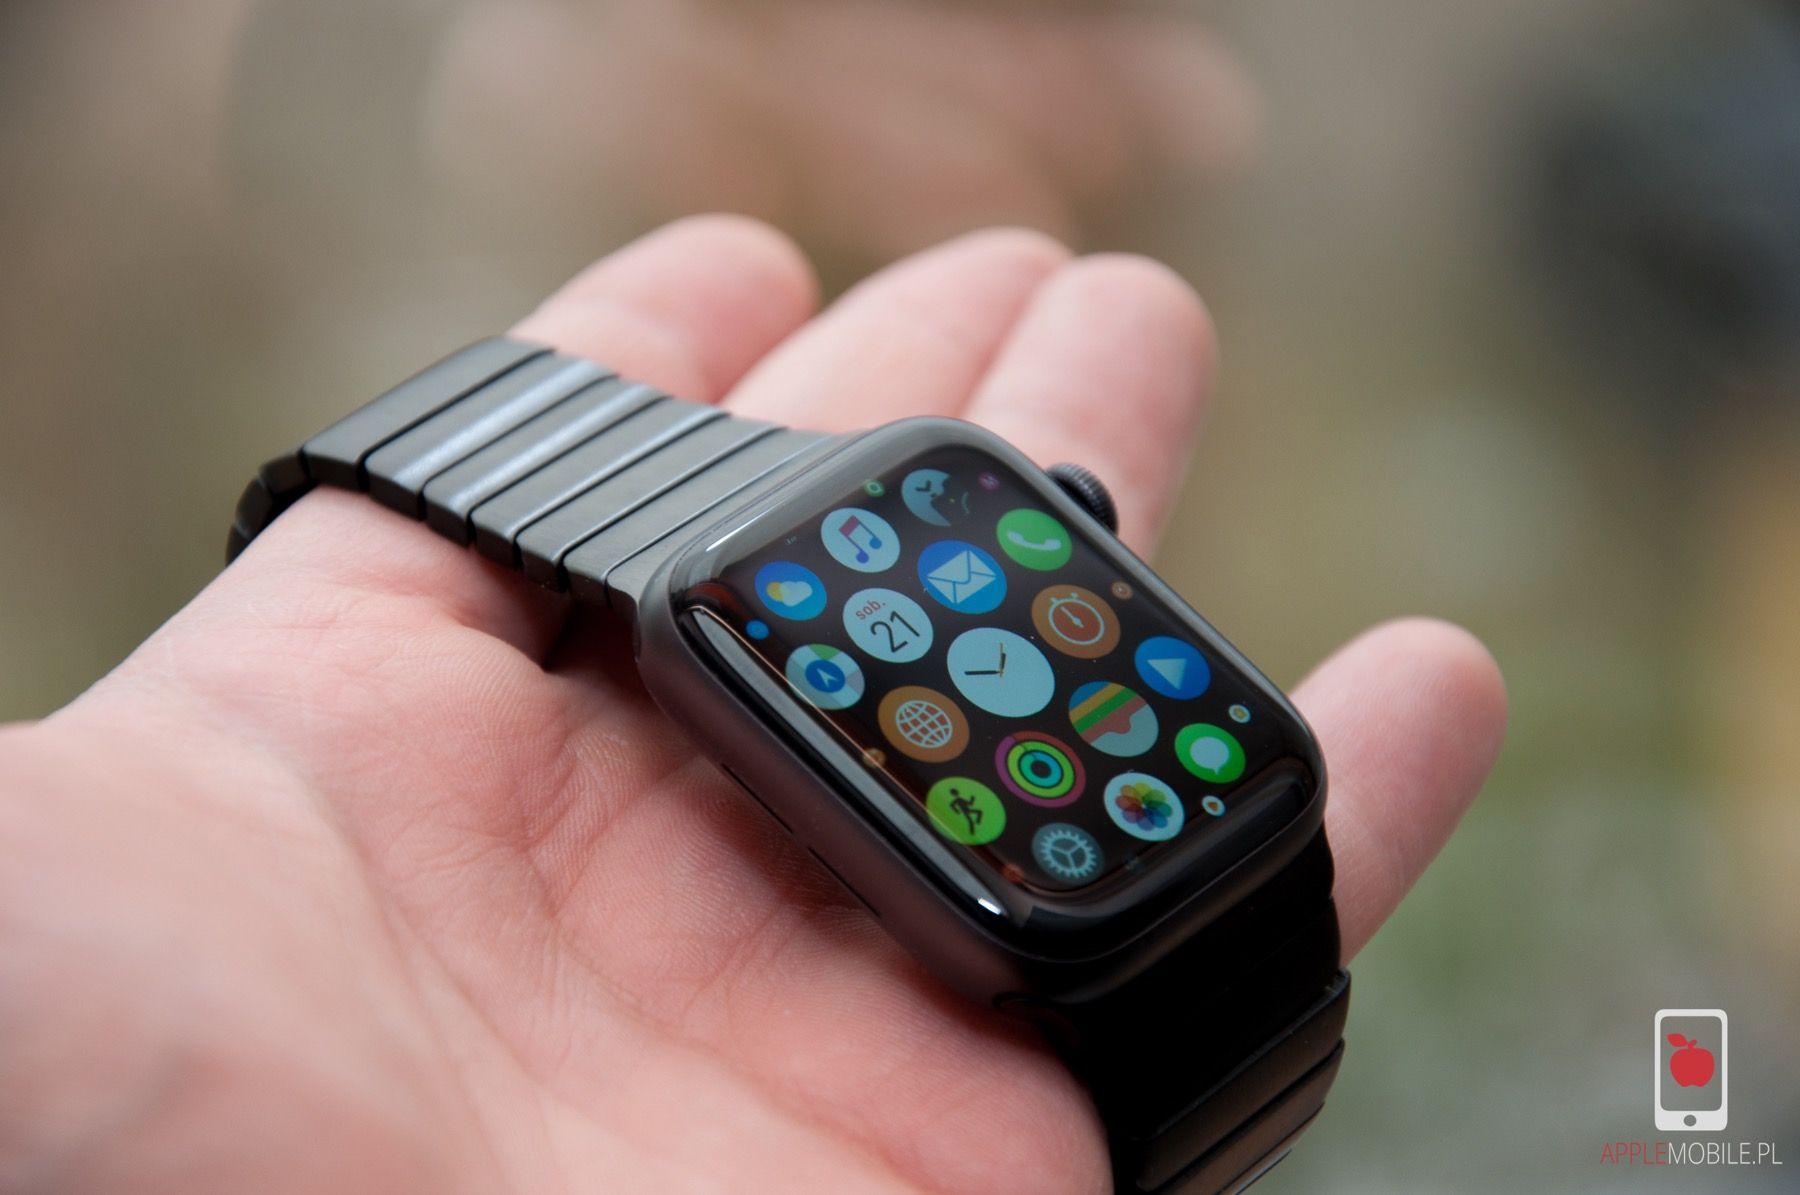 Recenzja bransolety Tech-Protect Steelband Apple Watch – elegancka bransoleta dla zegarka Apple o precyzyjnym wykonaniu